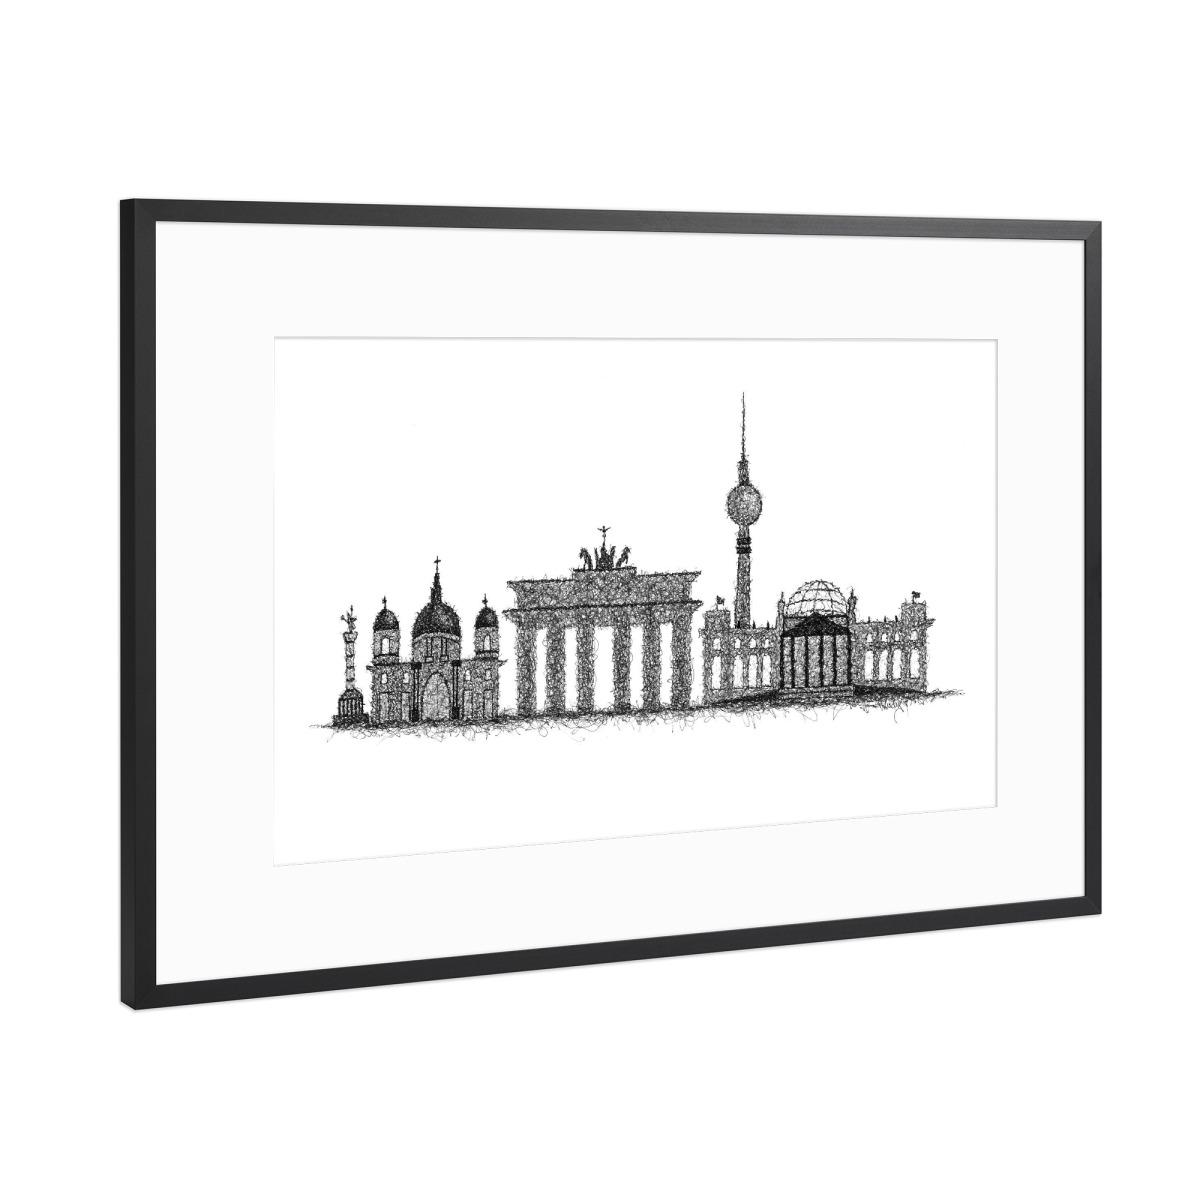 Skyline Berlin als Gerahmt bei artboxONE kaufen